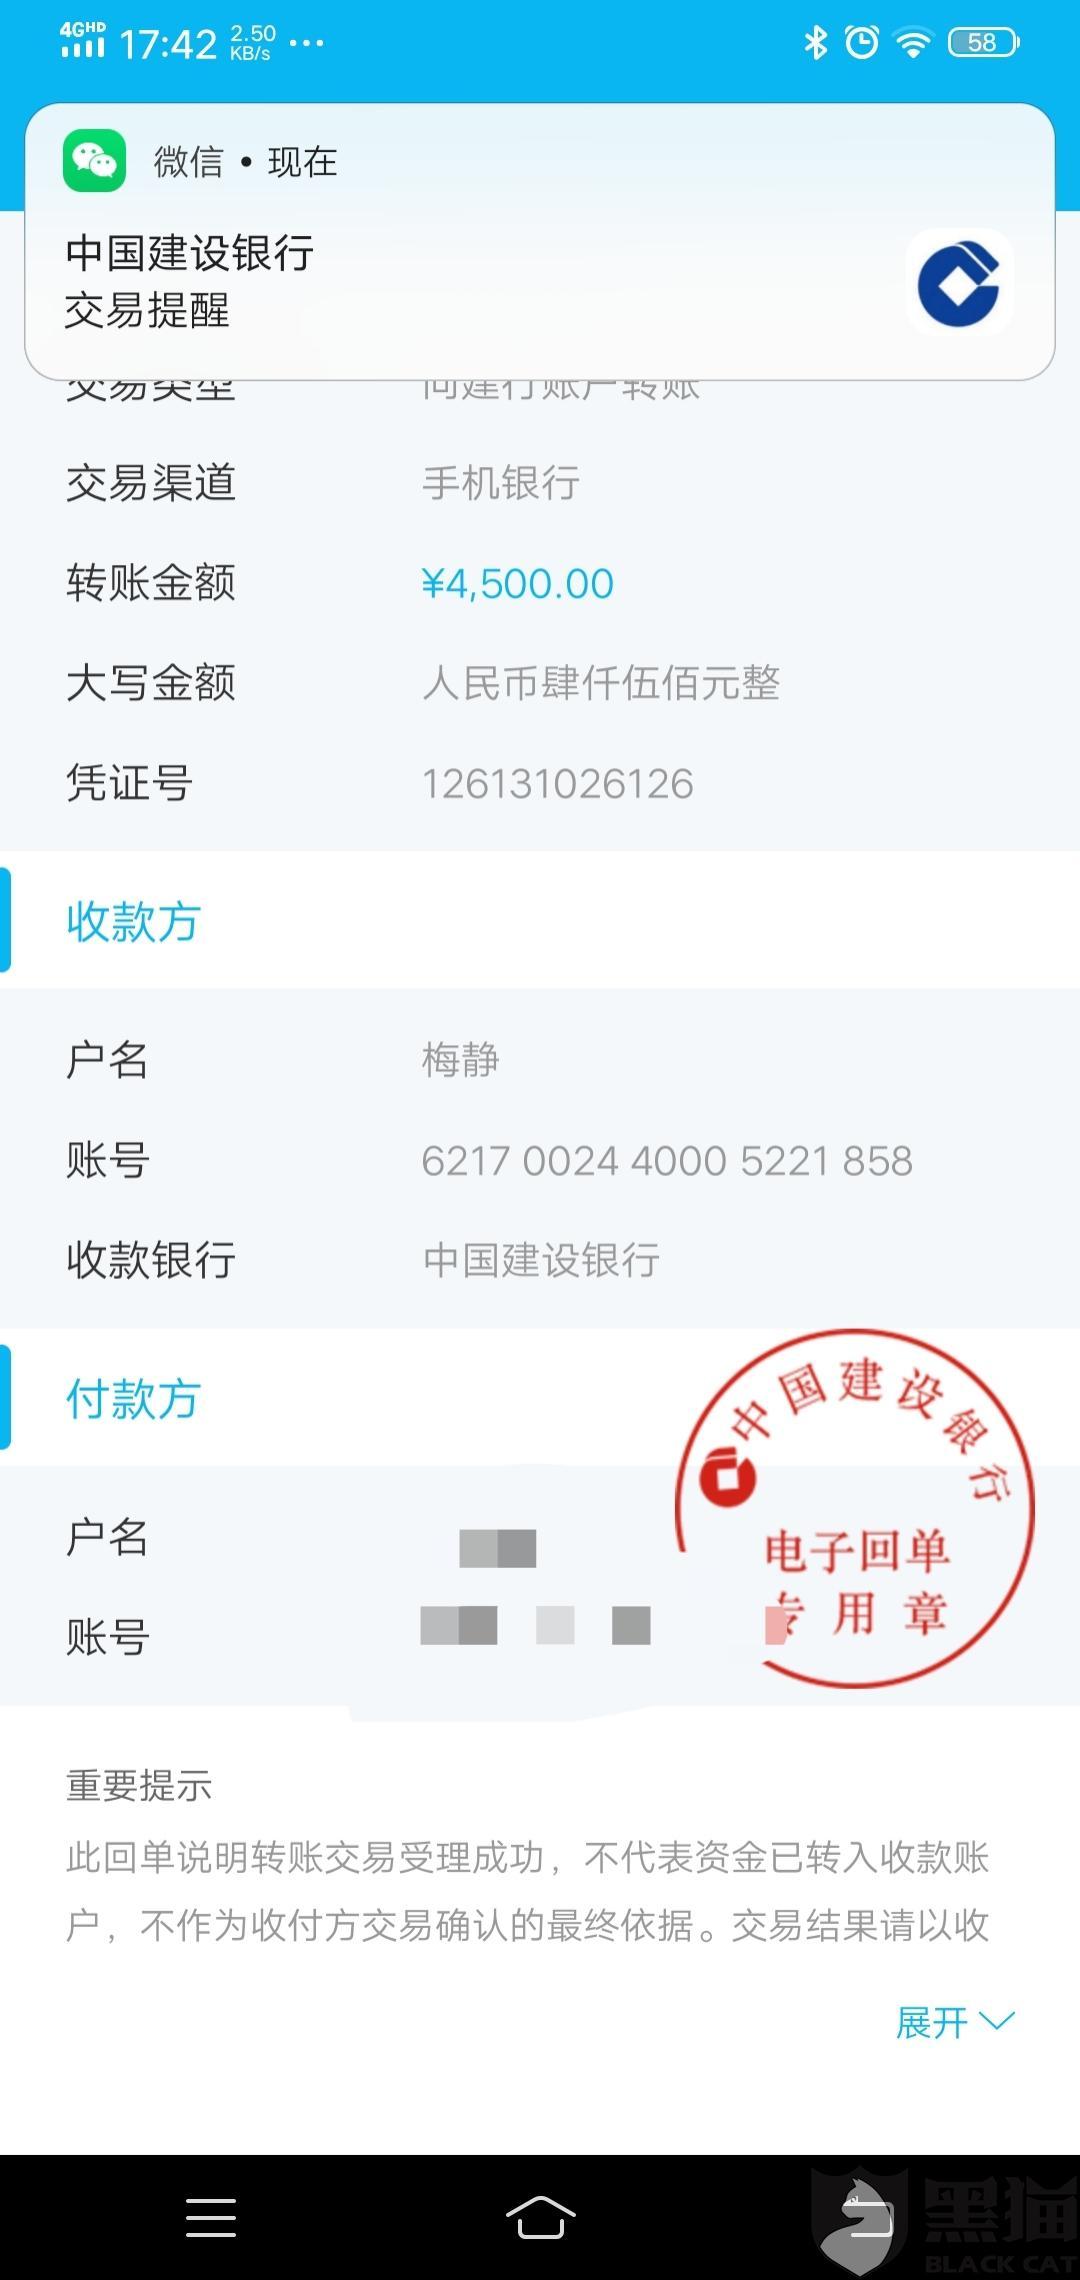 黑猫投诉:投诉360借条北京奇虎科技有限公司骗钱